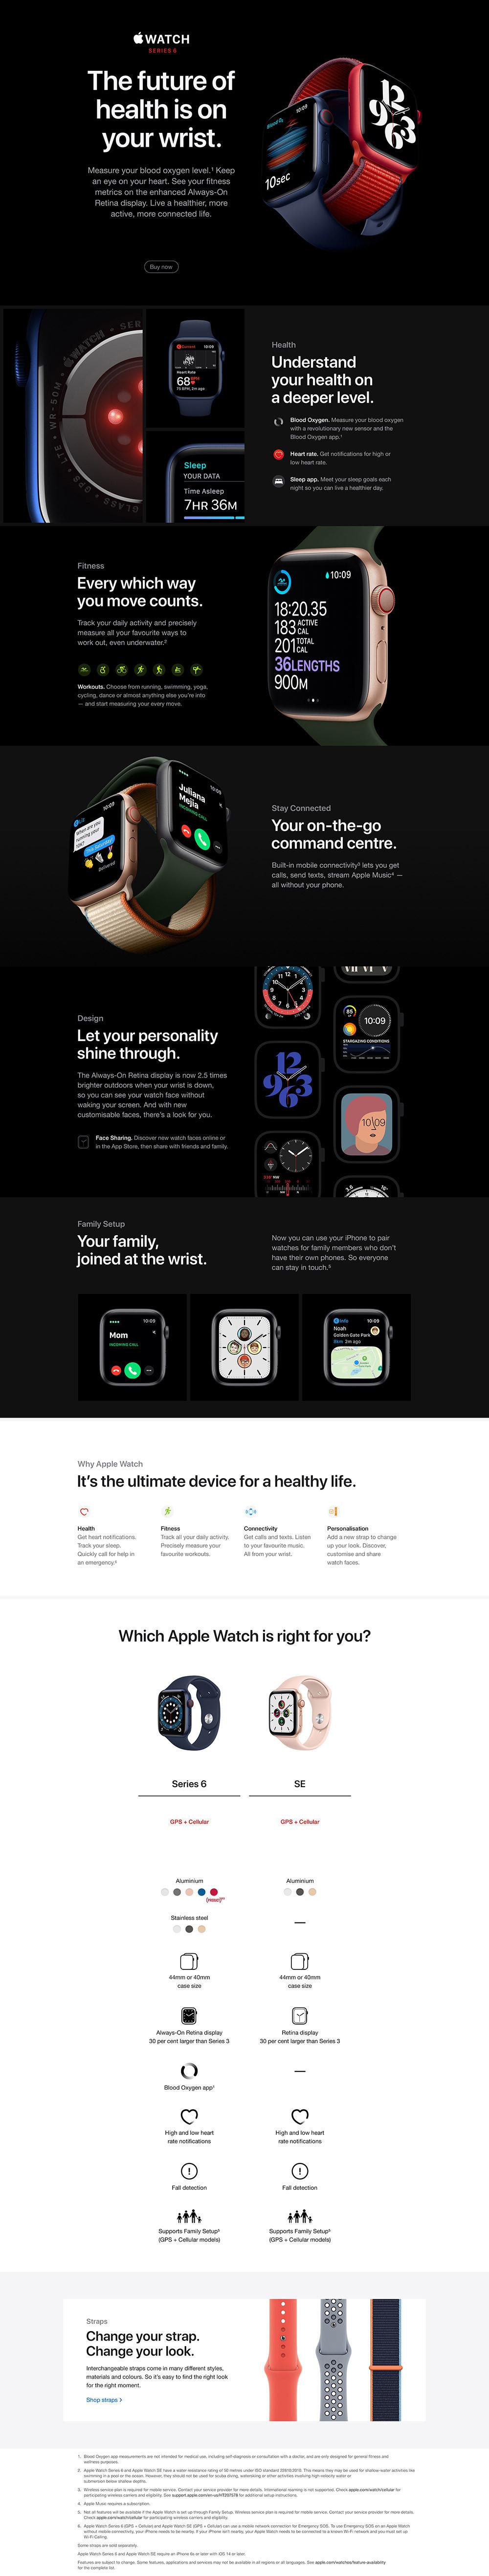 apple-watch-s6-long-page.jpg